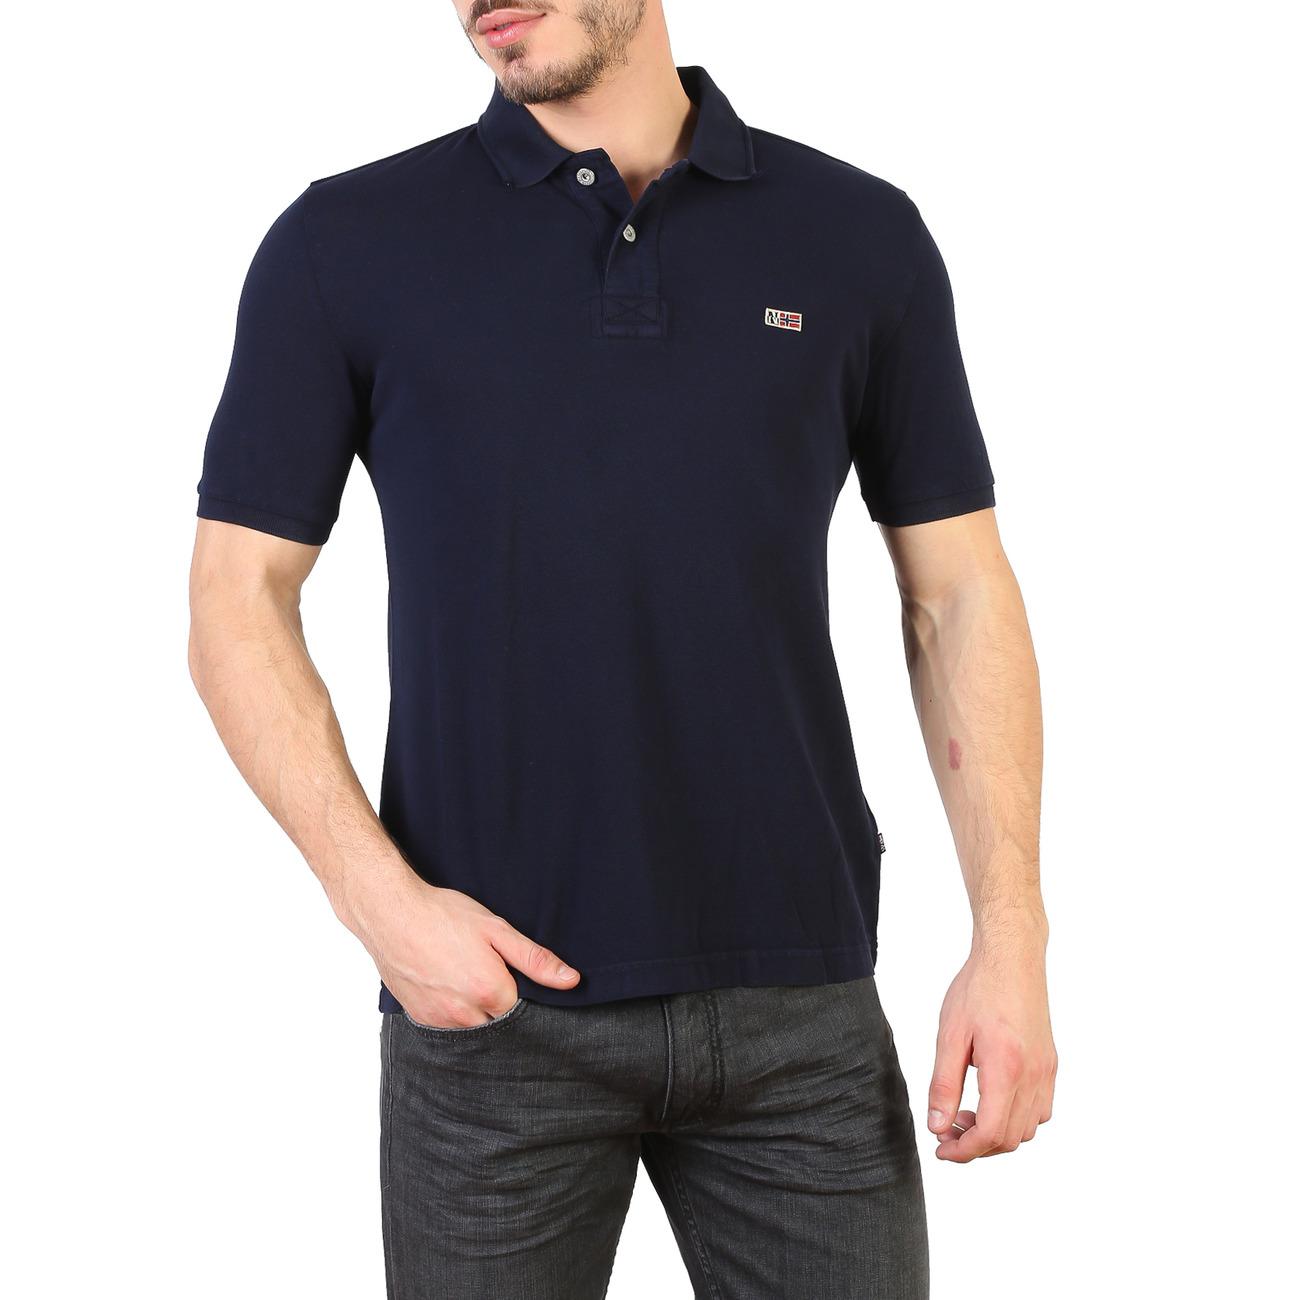 Détails sur Polos / T-shirts débardeur homme